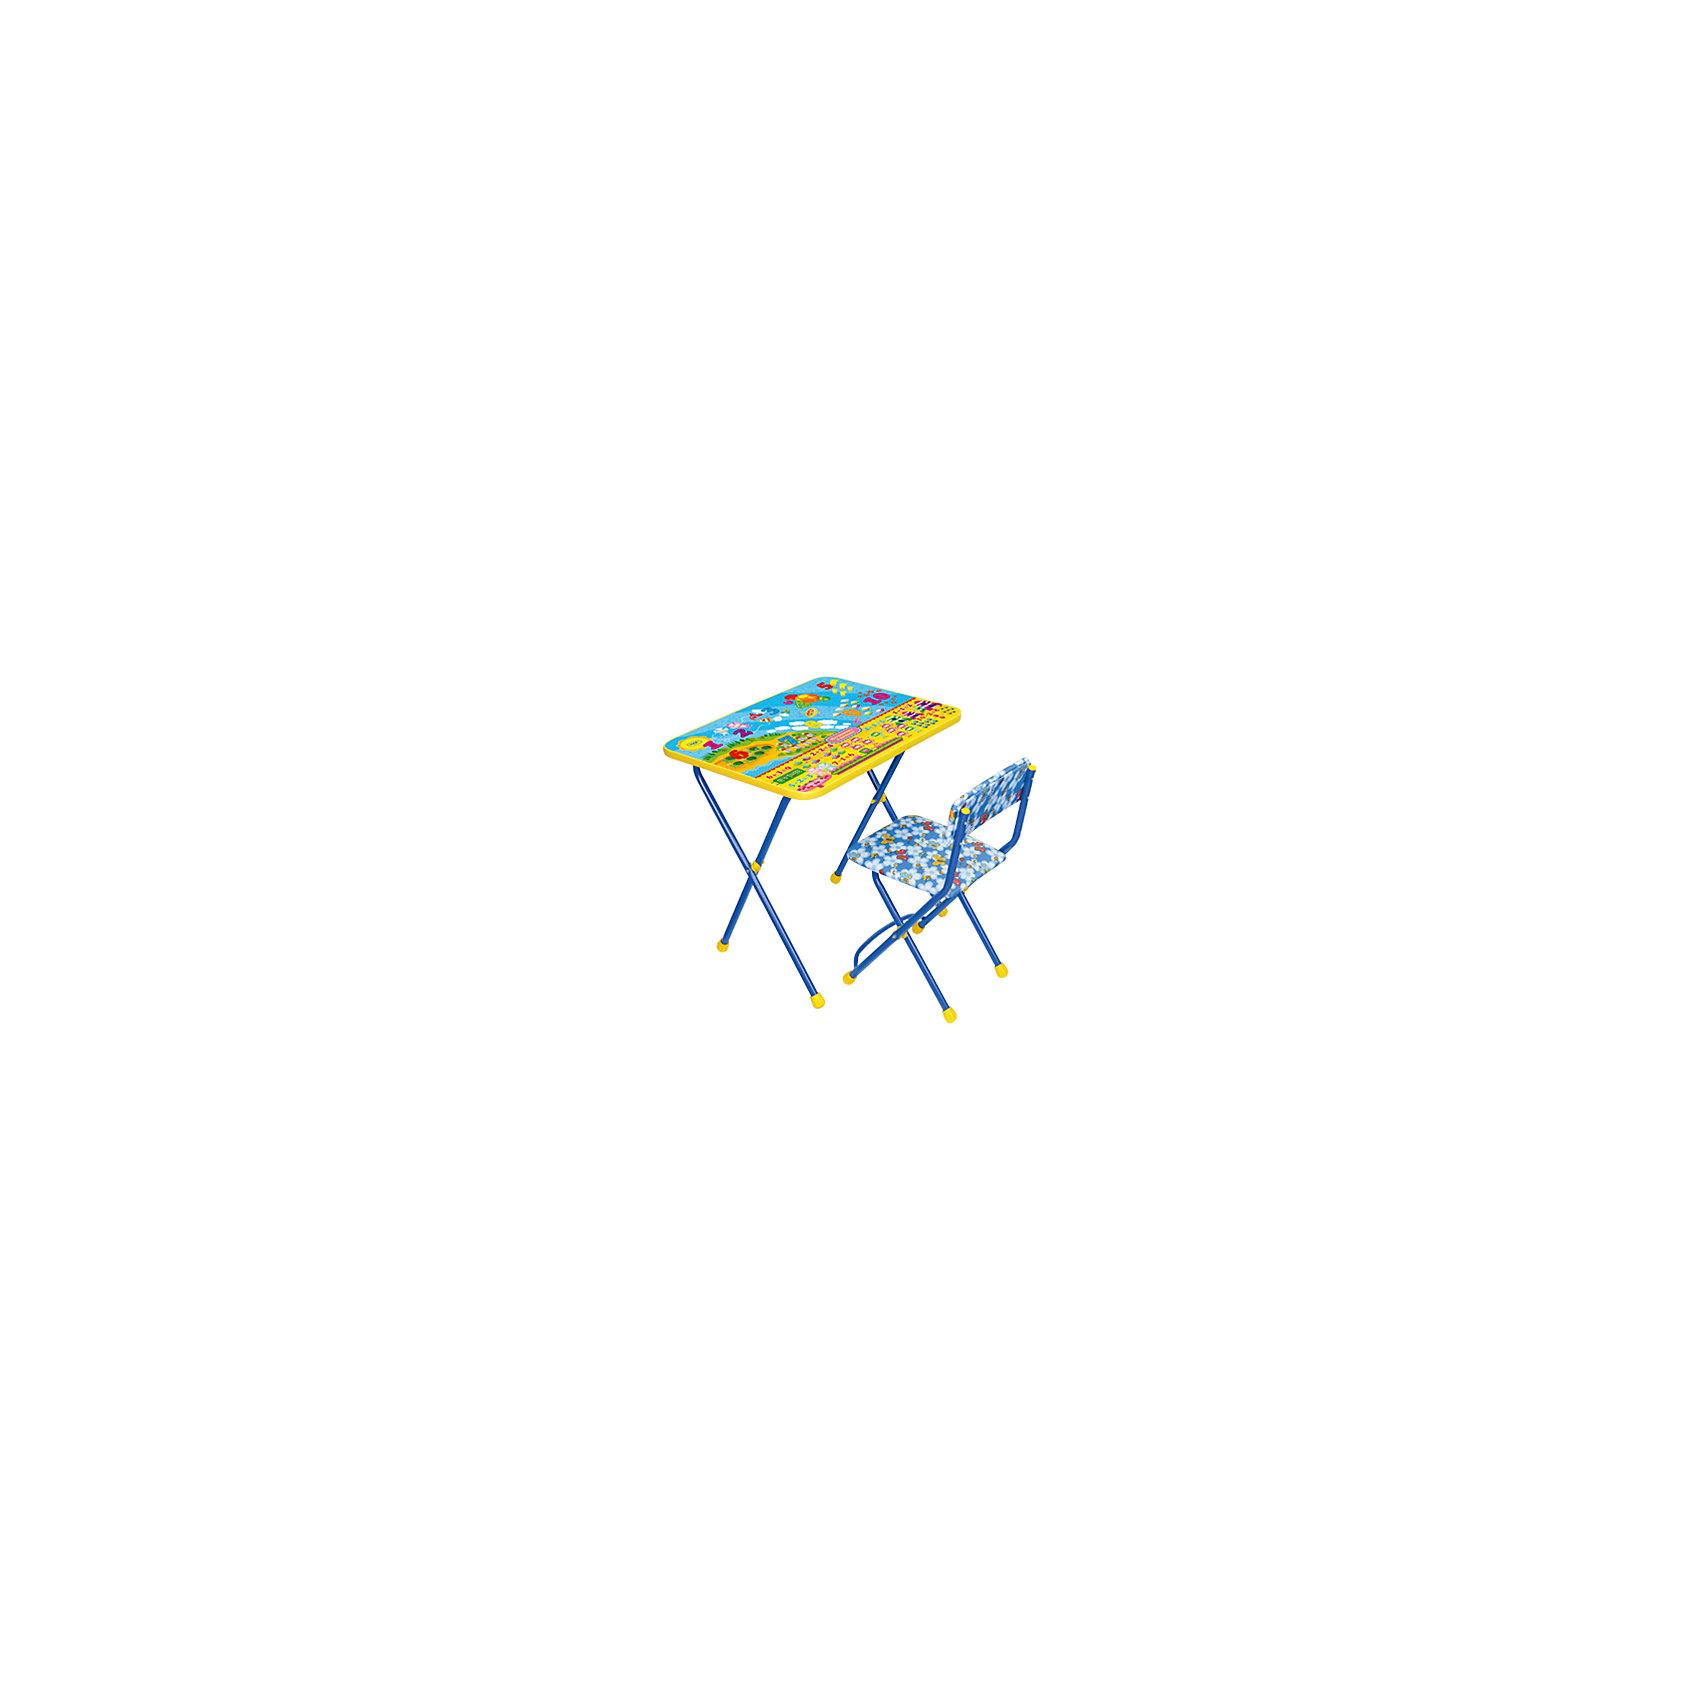 Набор мебели Космос, математикаНабор детской мебели Космос состоит из двух предметов: стол-парта и стульчик.  На крышке столика изображены картинки с цифрами.<br><br>Дополнительная информация:<br><br>В комплект входит стол-парта и стул с мягким сиденьем.<br>- Металлический каркас.<br>- Столешница облицована пленкой с тематическими рисунками.<br>- На ножках стула установлены пластмассовые наконечники.<br>- Размер столика: 59х45х57 см.<br>- Размер стула: высота до сиденья 32 см, высота со спинкой 56 см.<br>Сиденье: 30х27 см.<br>- Возраст: от 3-х лет<br><br>Набор мебели Космос математика, можно купить в нашем магазине.<br><br>Ширина мм: 580<br>Глубина мм: 120<br>Высота мм: 450<br>Вес г: 8000<br>Возраст от месяцев: 36<br>Возраст до месяцев: 108<br>Пол: Унисекс<br>Возраст: Детский<br>SKU: 4718352